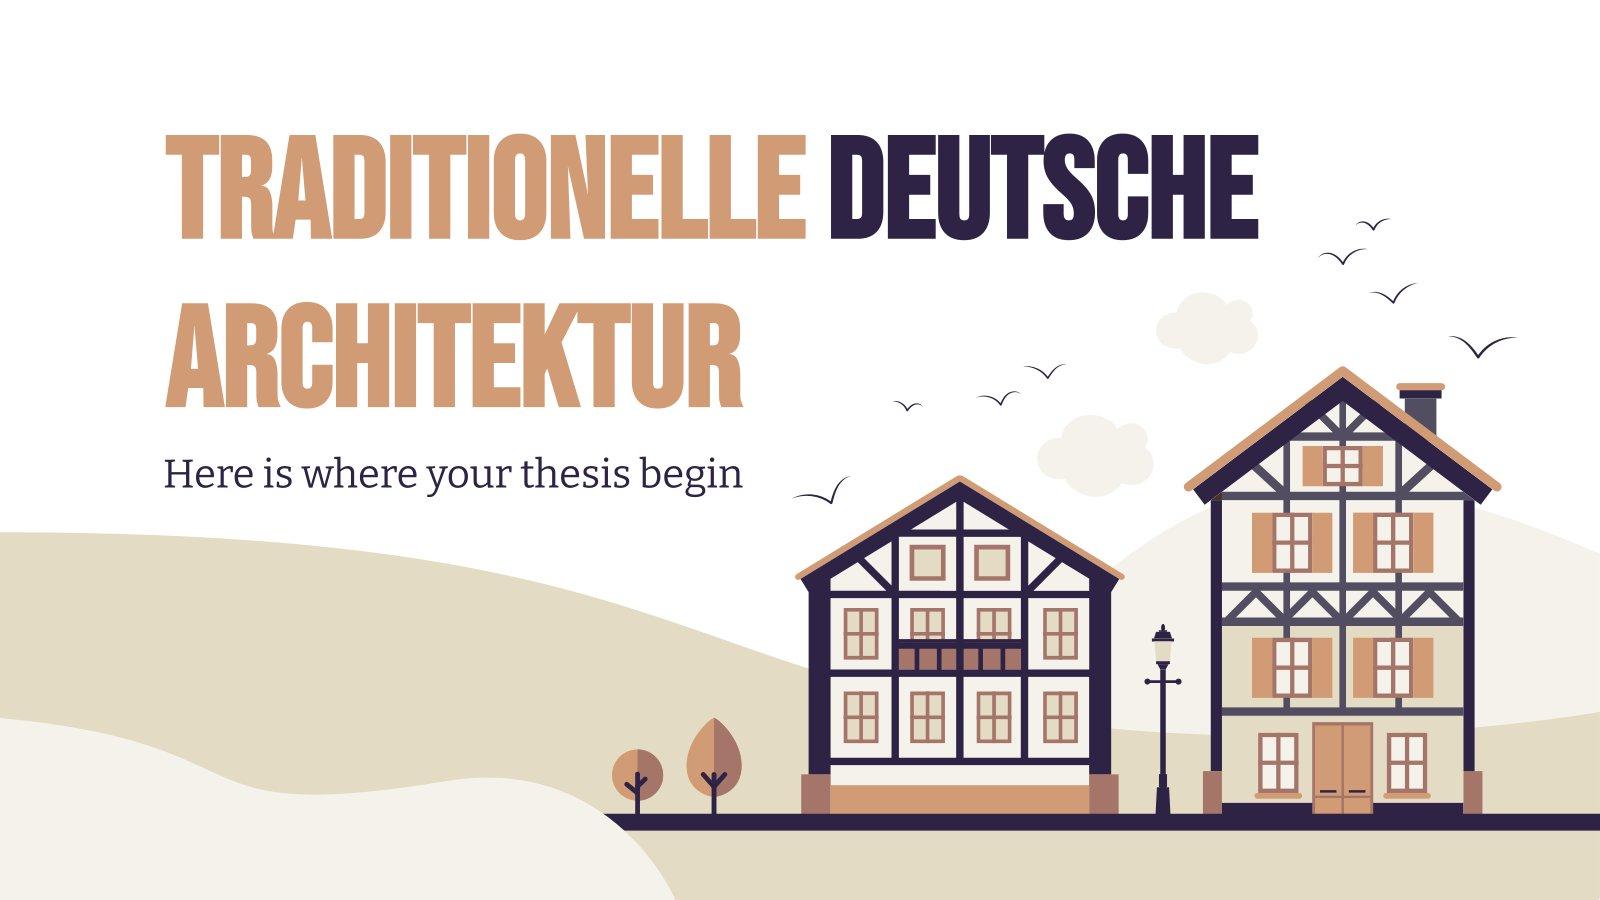 Traditionelle Deutsche Architektur presentation template